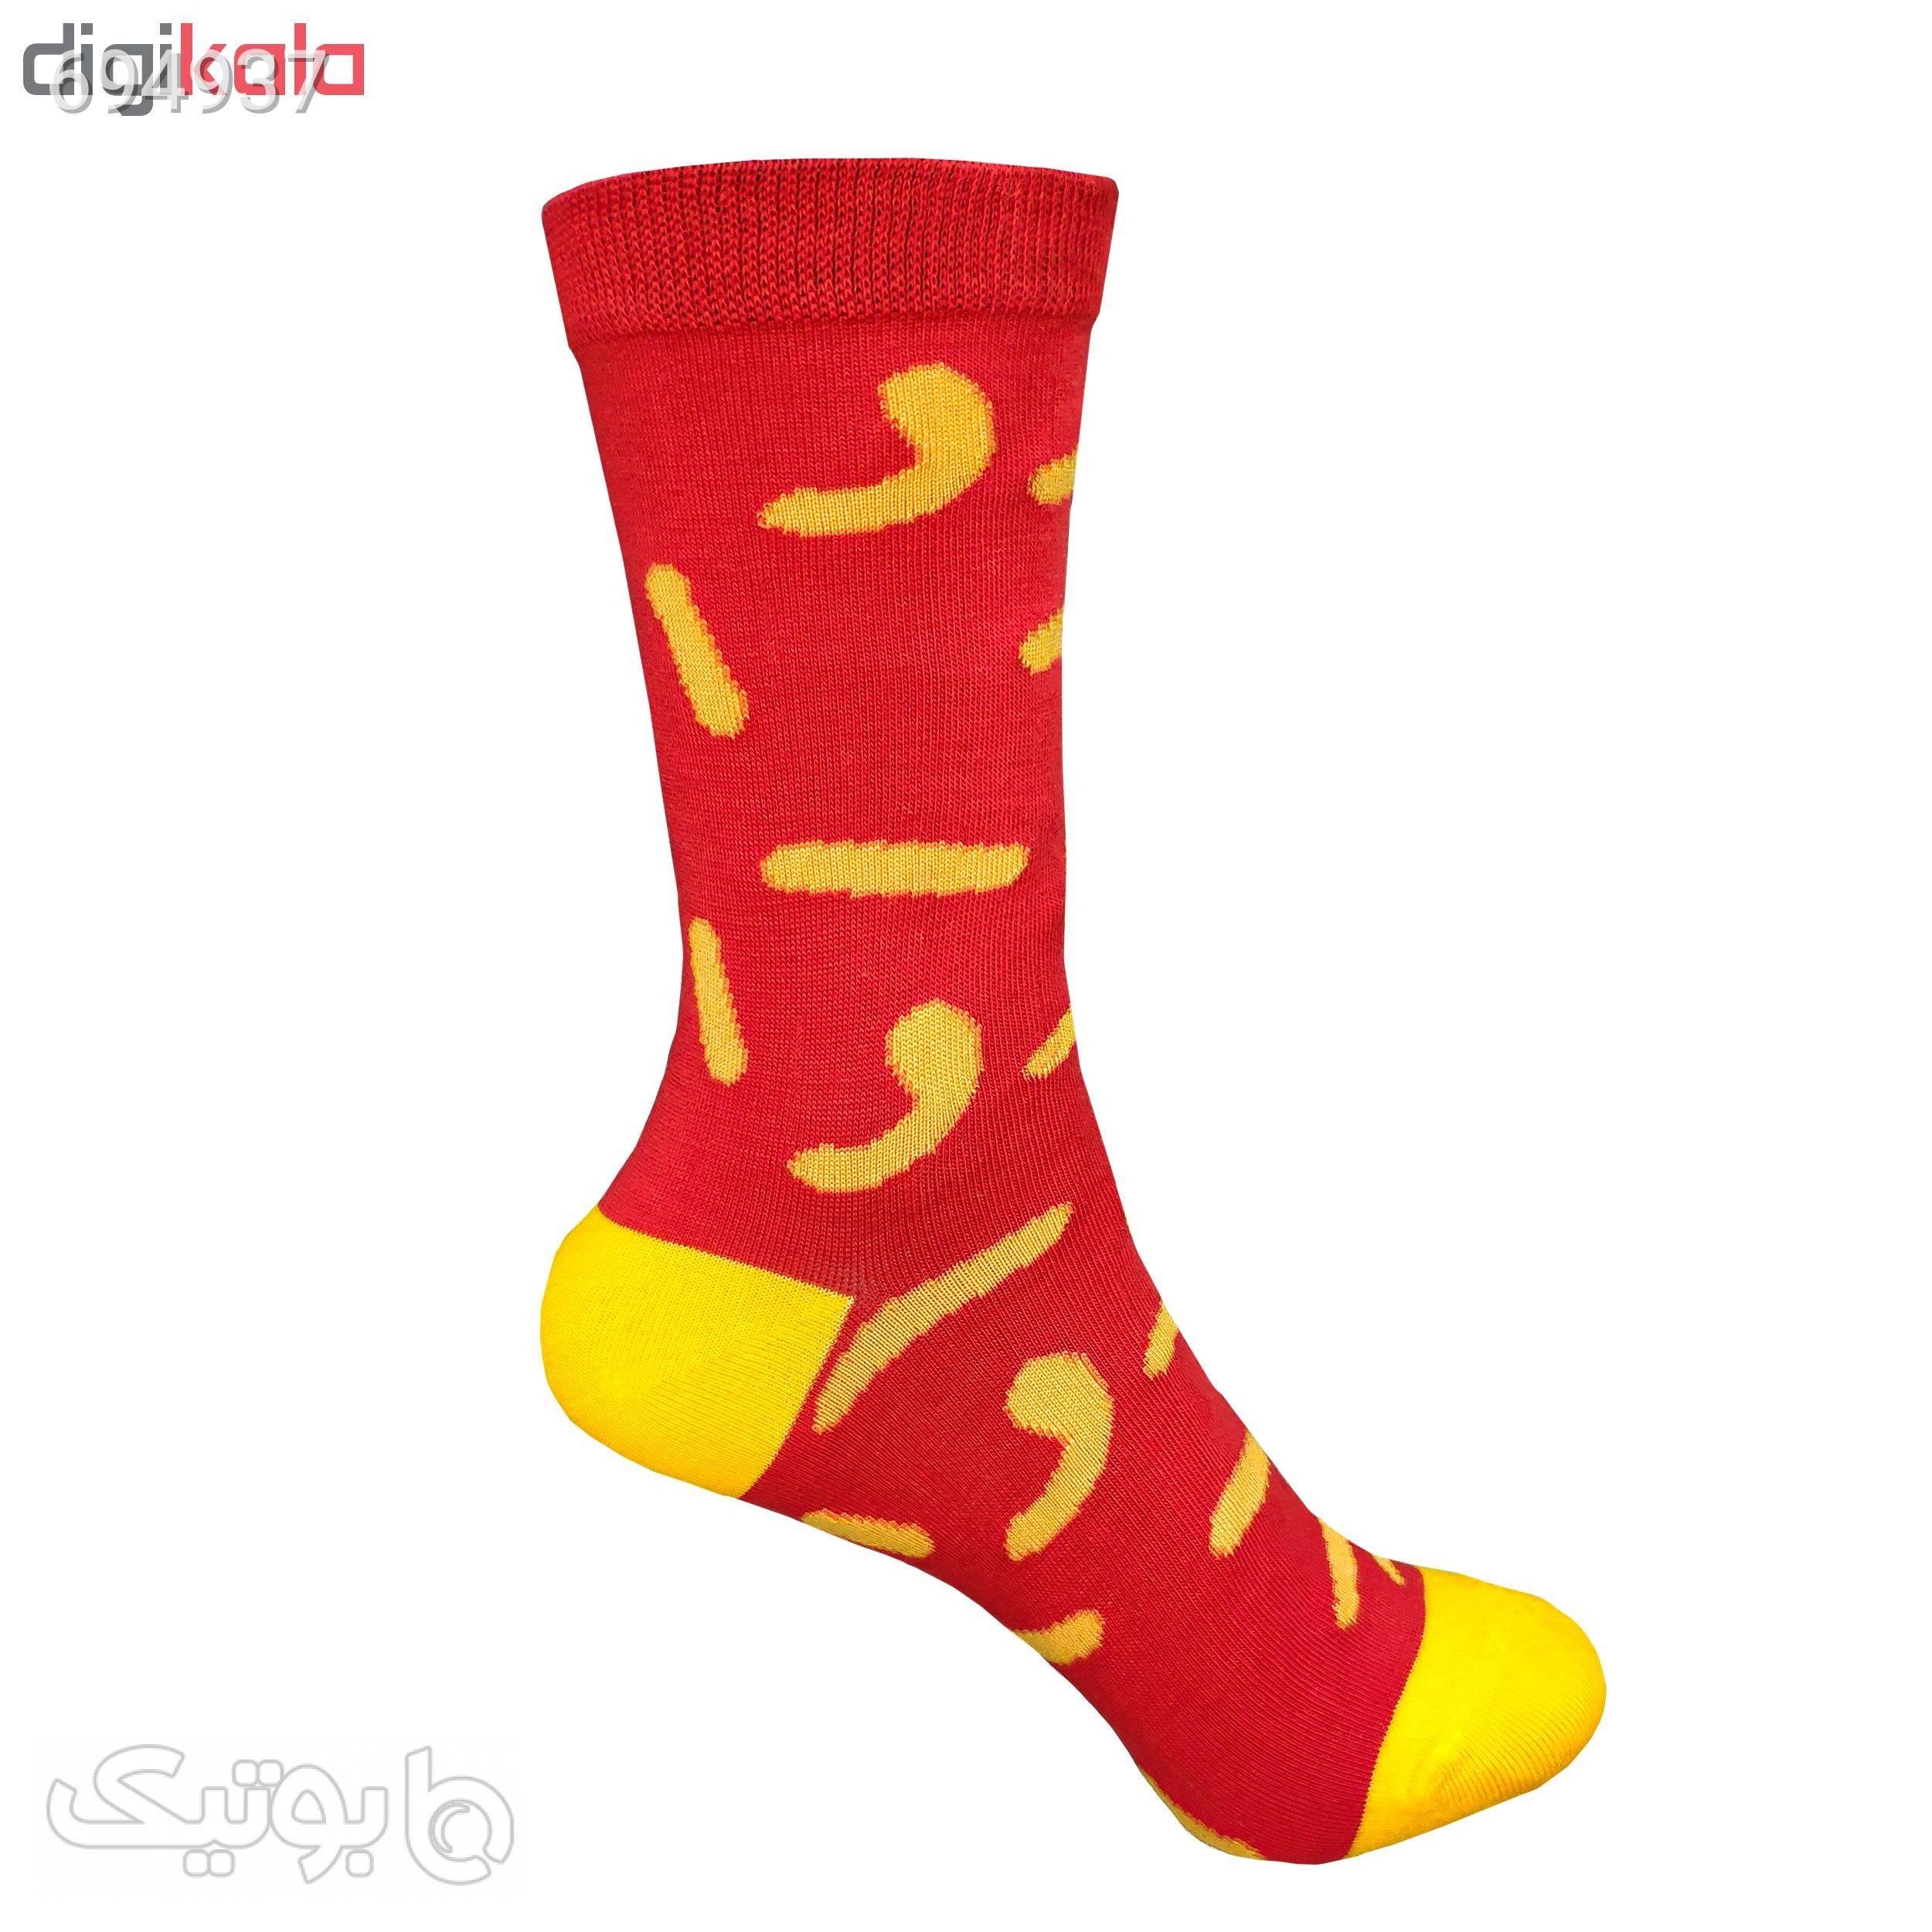 جوراب زنانه طرح پفک  قرمز جوراب و پاپوش